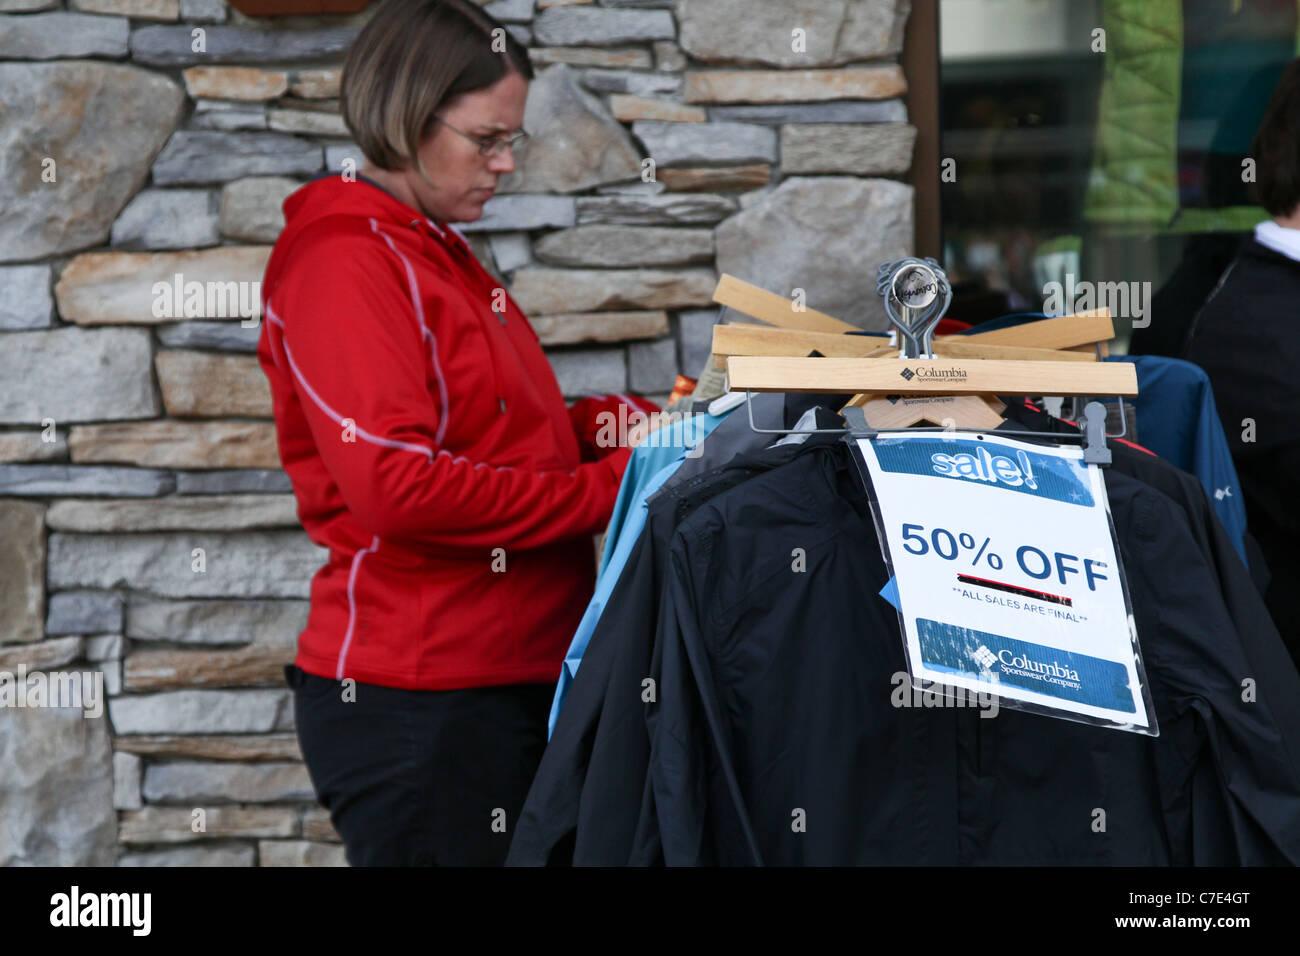 shopper apparel clothes sale sales discount rack - Stock Image